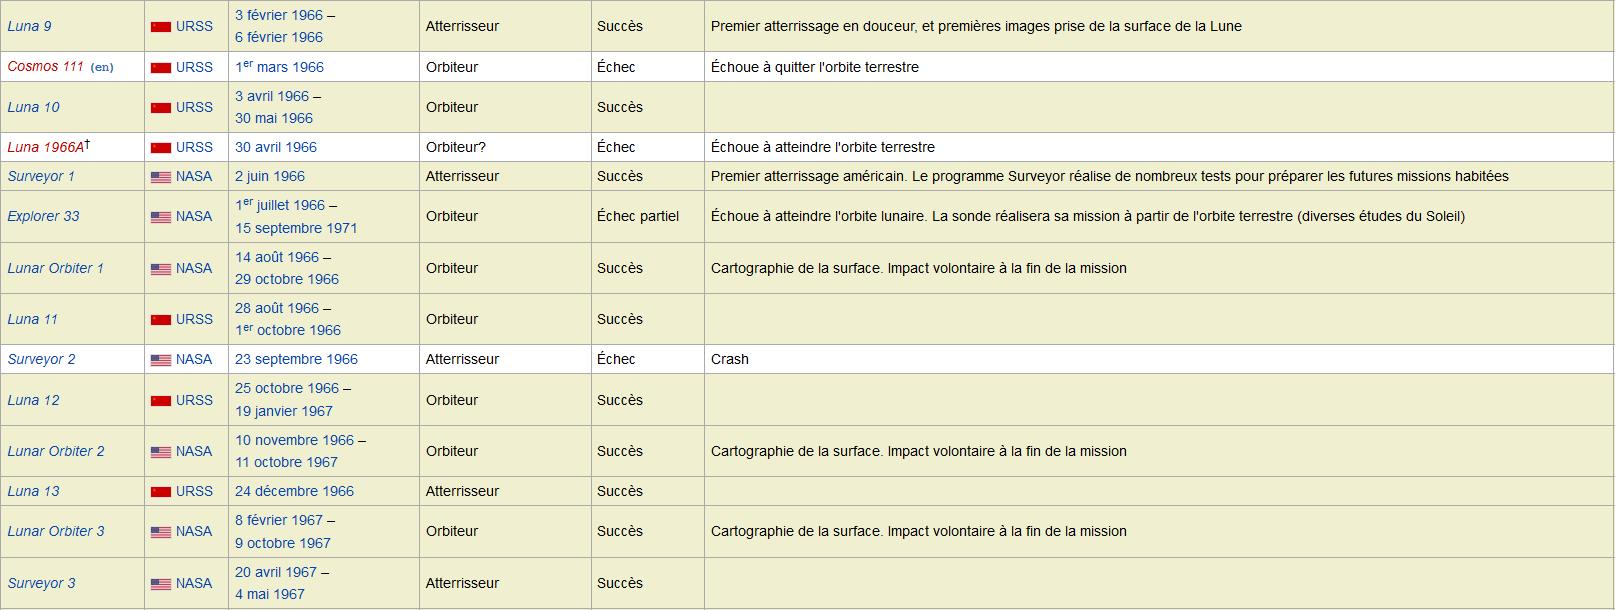 LISTE   DES   SONDES   SPATIALES   -   MEMO   -   ASTRONOMIE   -   HydroLAB Captur31